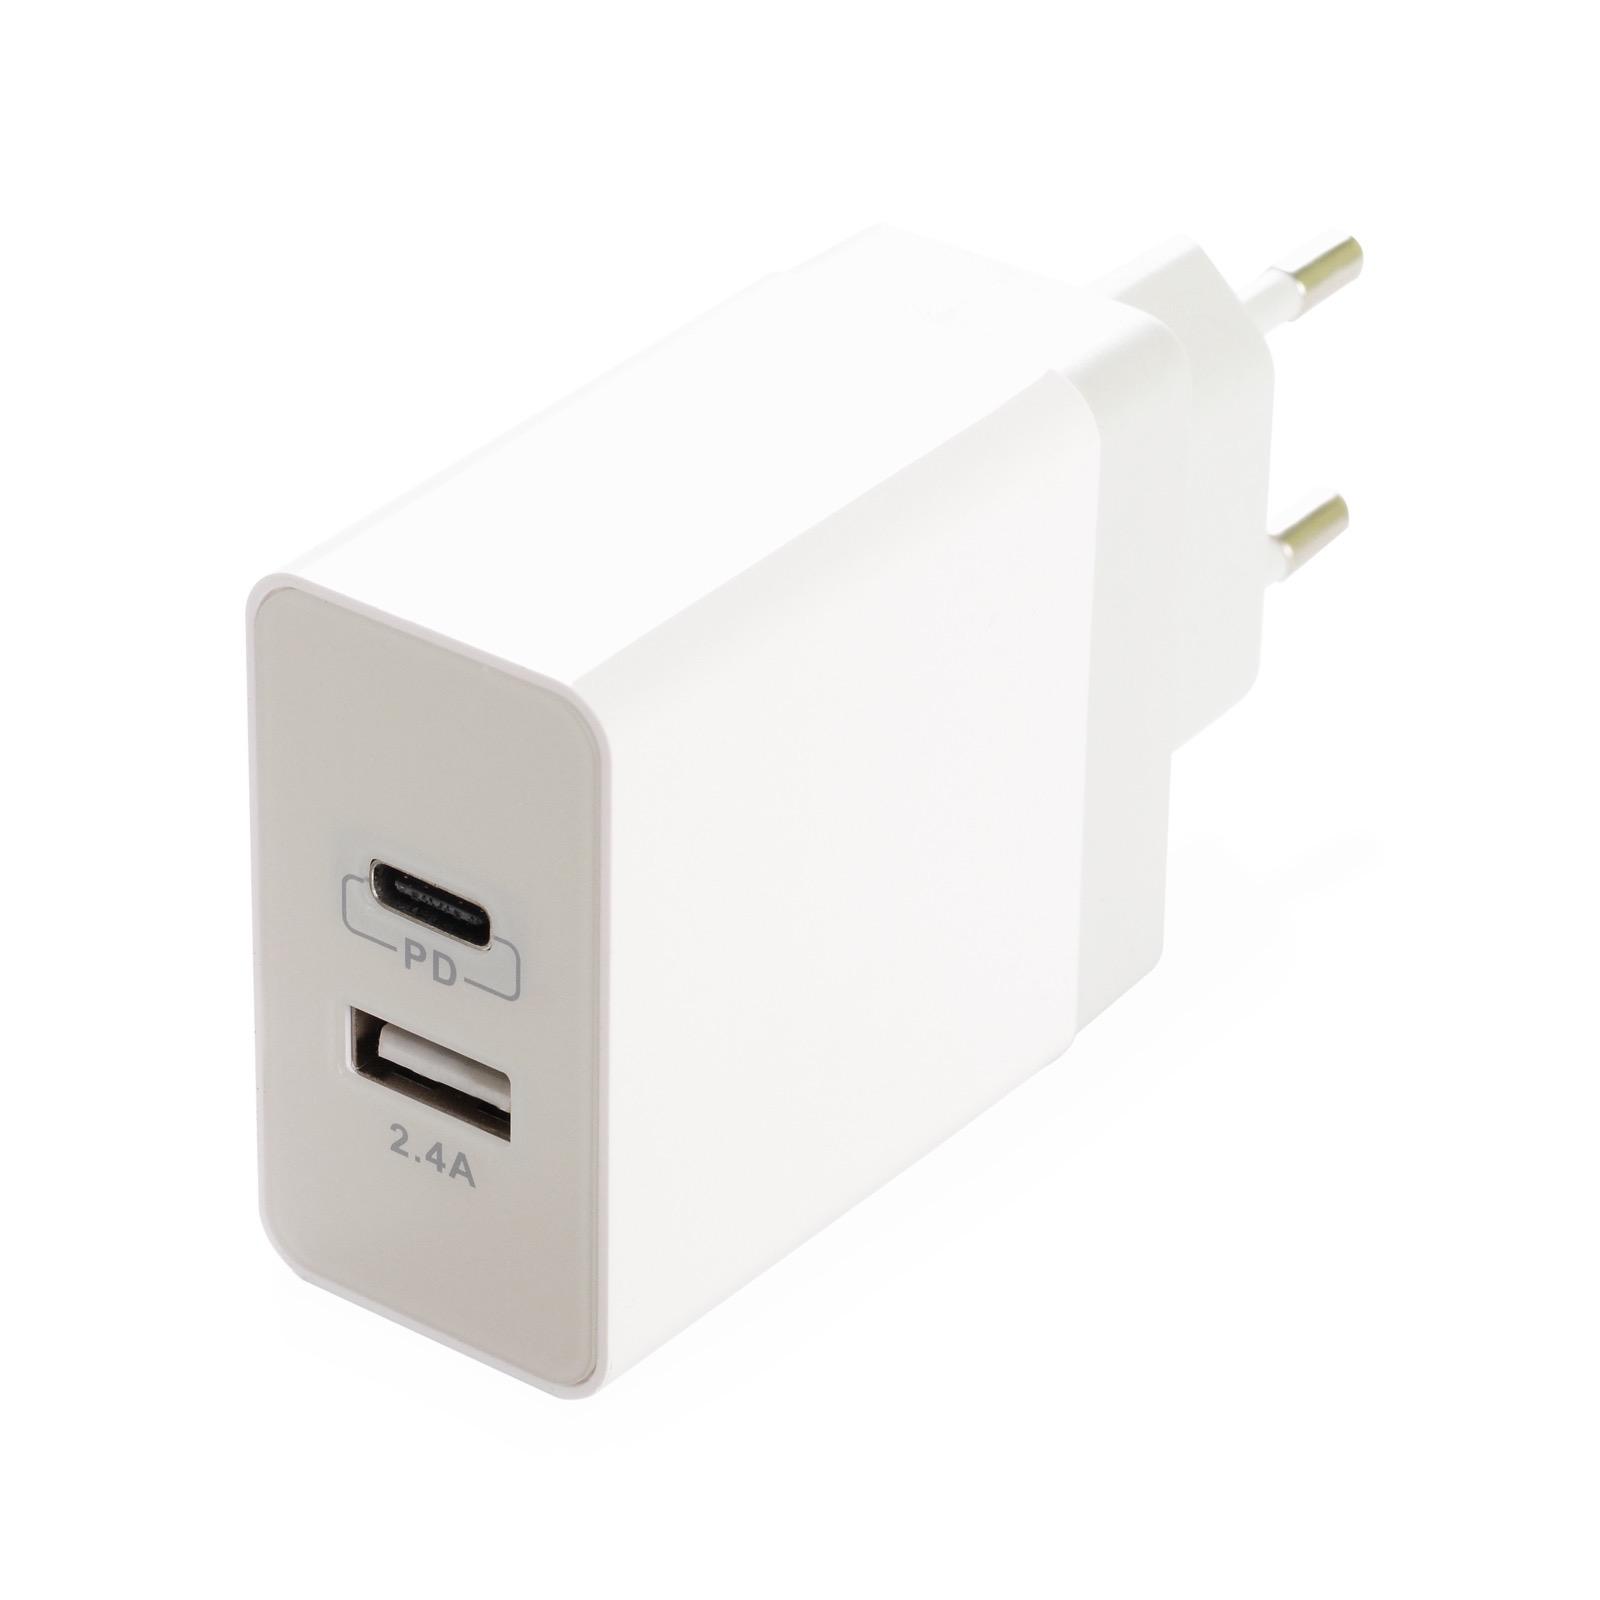 Зарядное устройство iNeez USB-C PD 908165 Smart charge 24W, белый